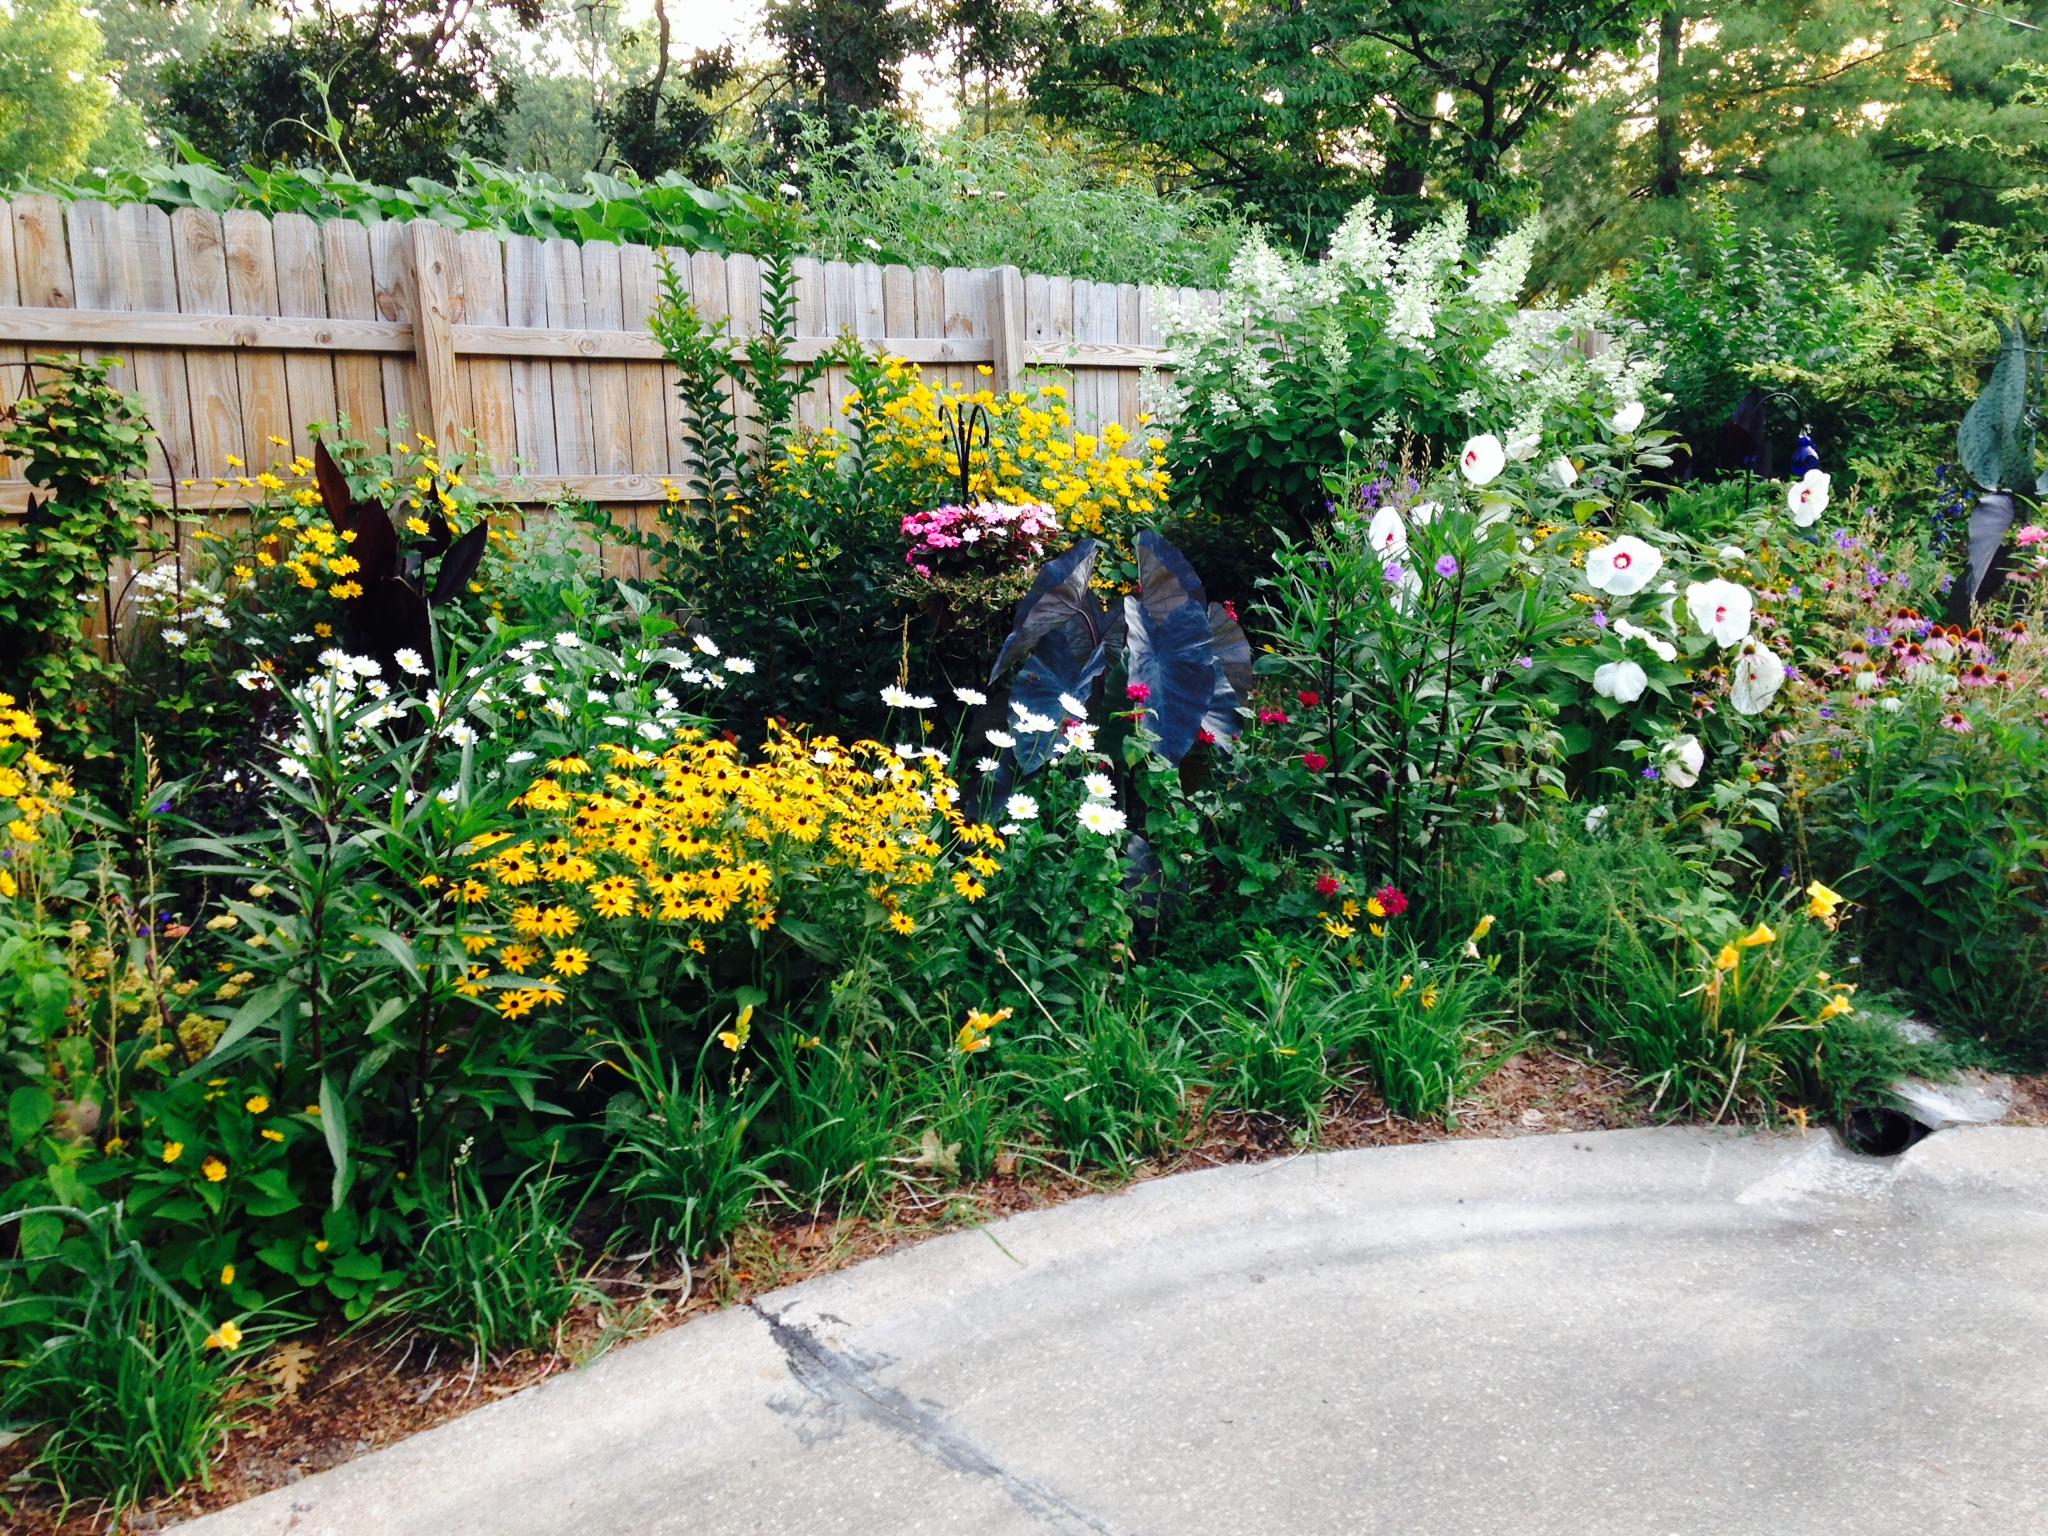 My favorite neighborhood garden